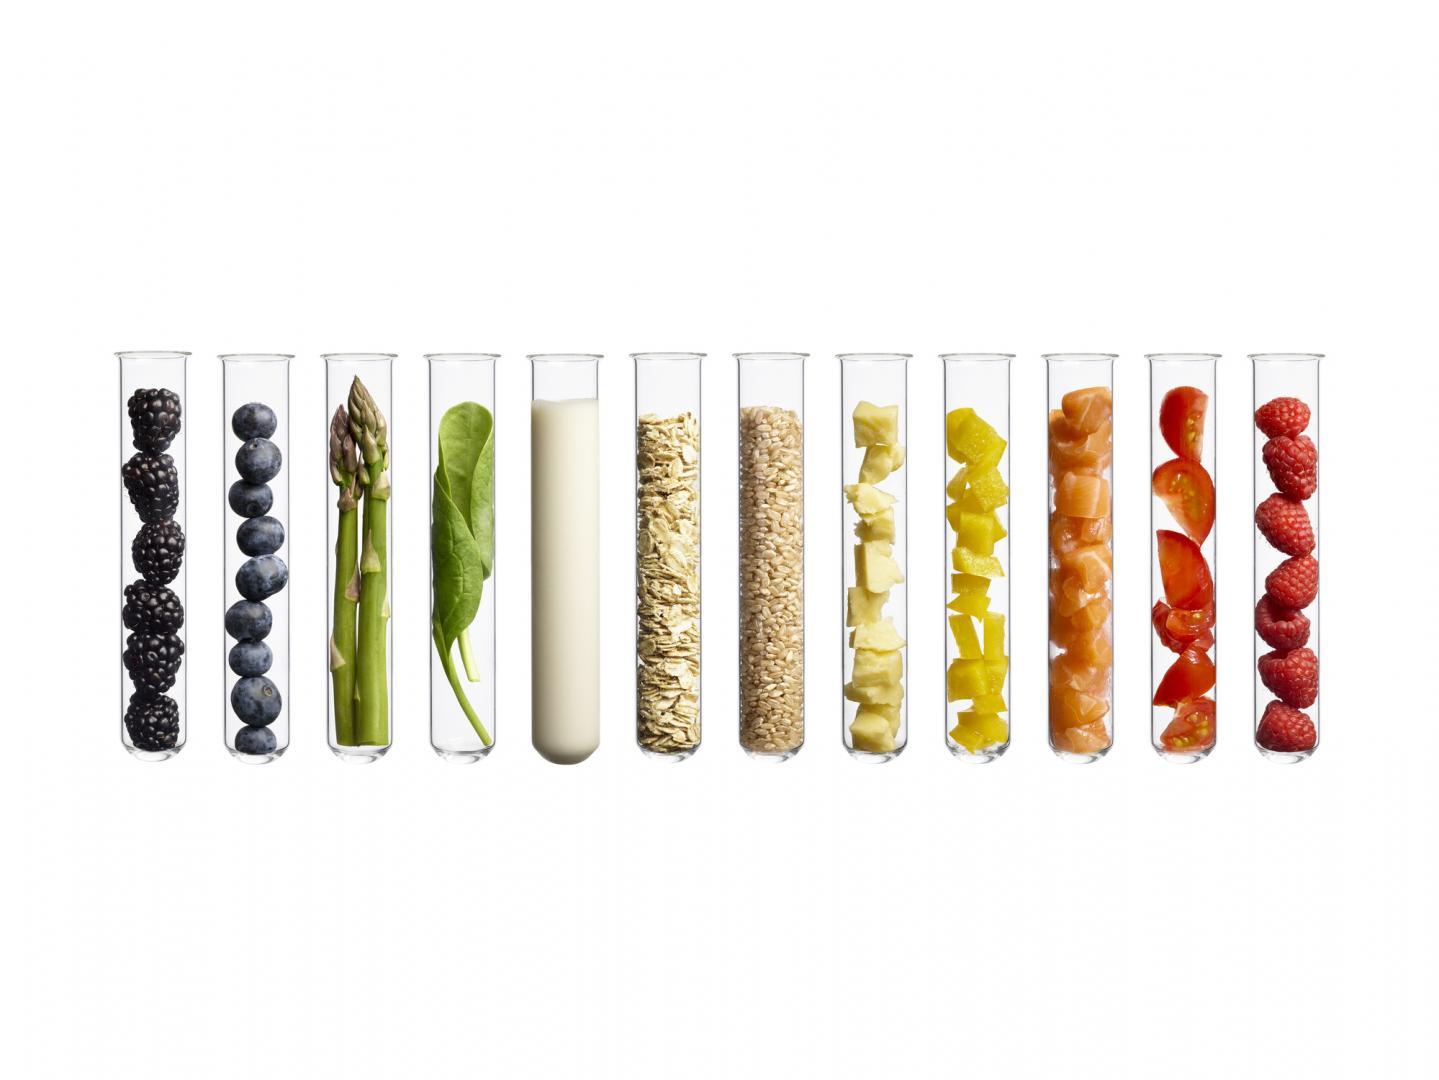 Táplálkozási tippek dohányosoknak - Milyen vitaminokra van szükség a dohányosoknak